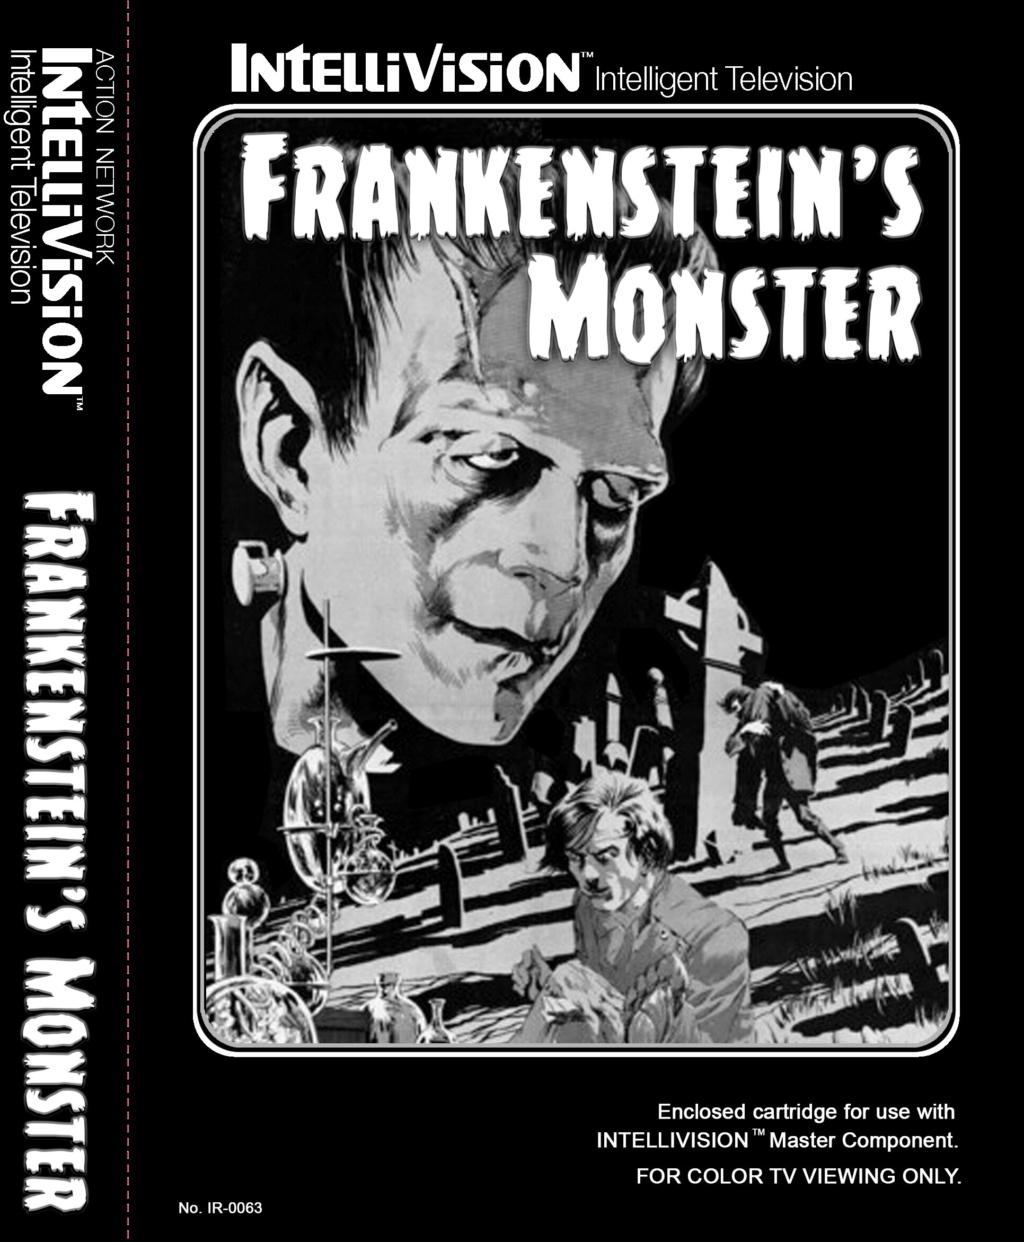 Intellivision Frankenstein's Monster Franen10